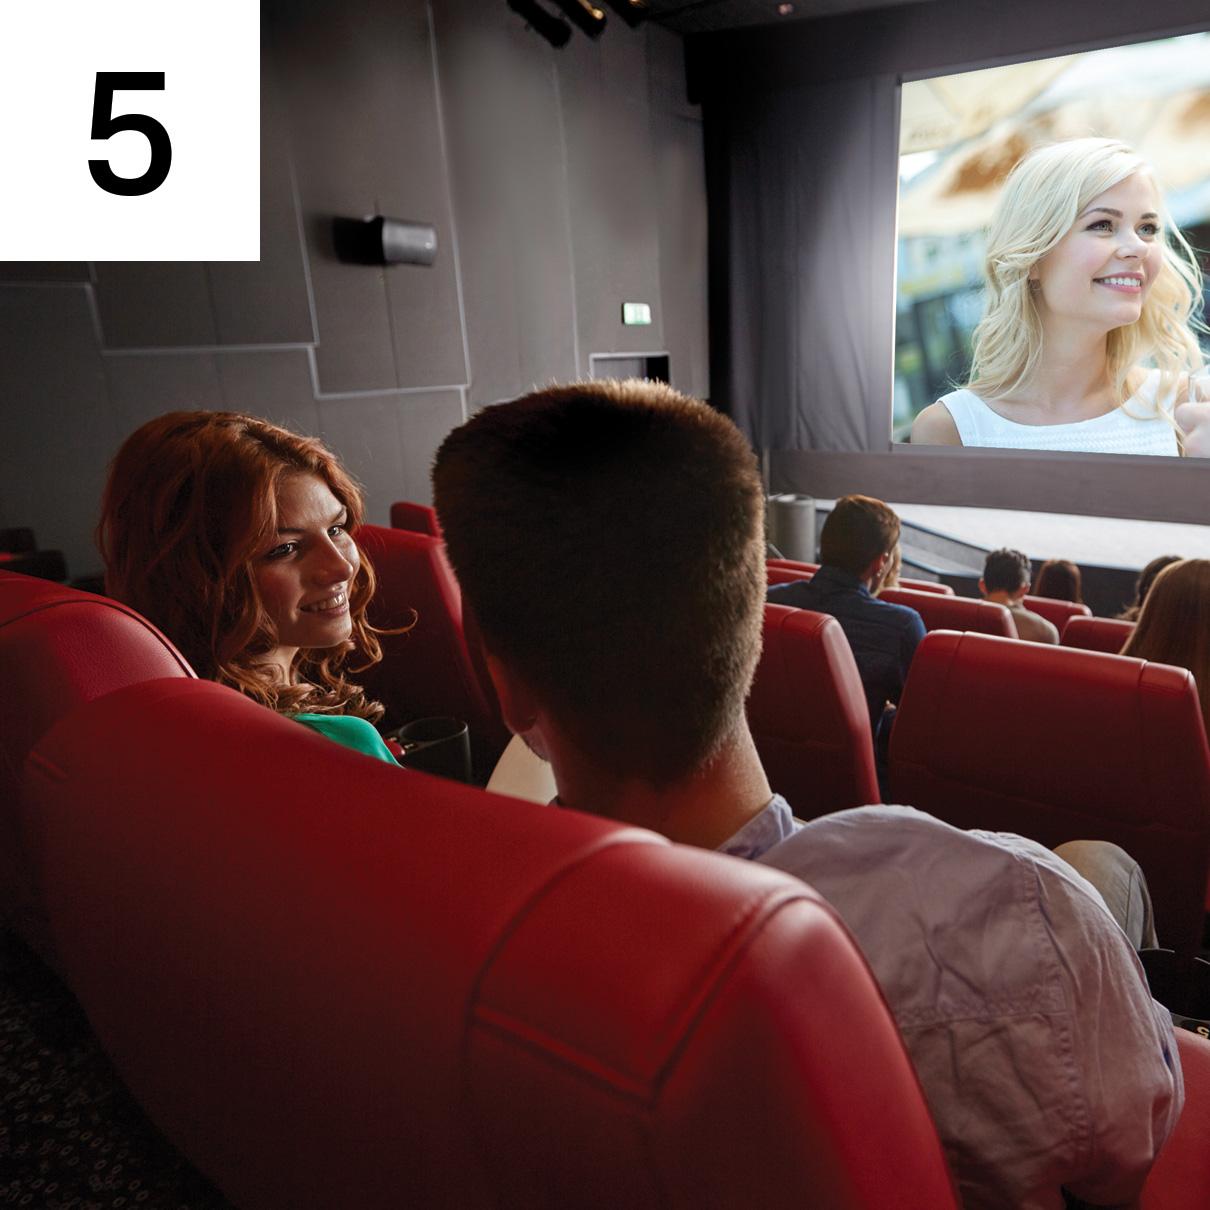 Movies & Fun